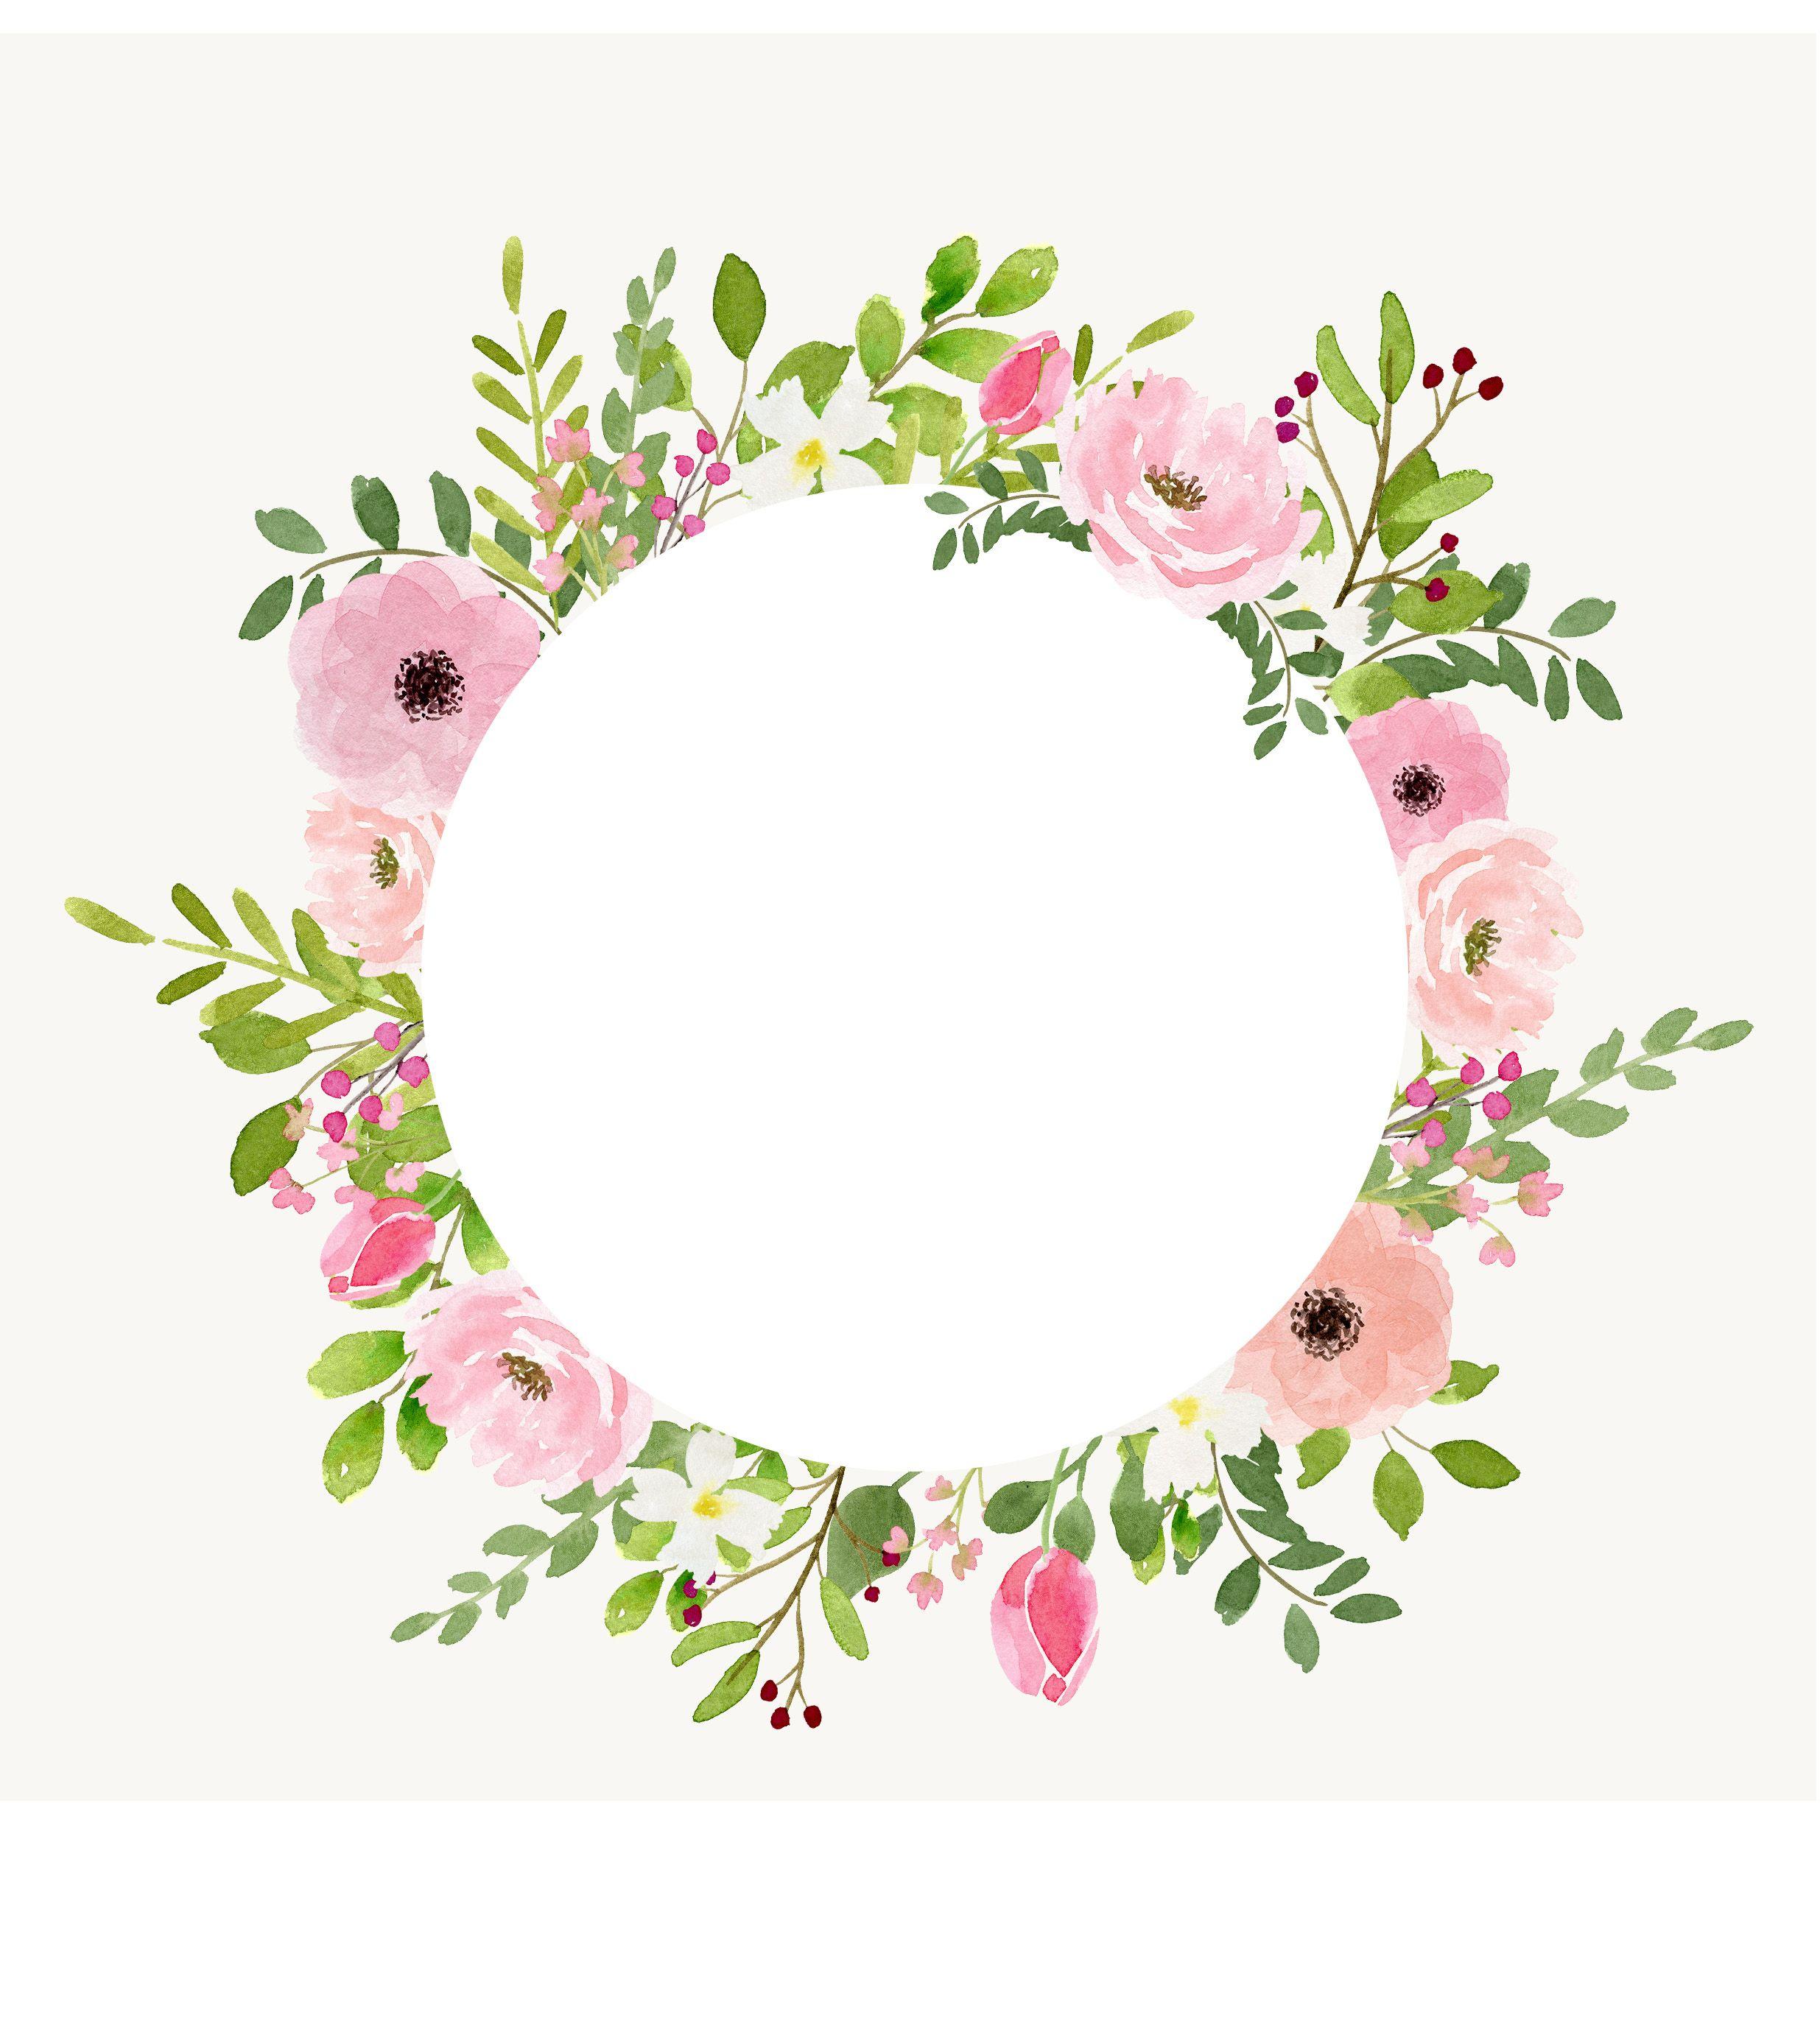 Anne Marie S Watercolour Florals Floral Wreath Watercolor Floral Watercolor Circle Painting